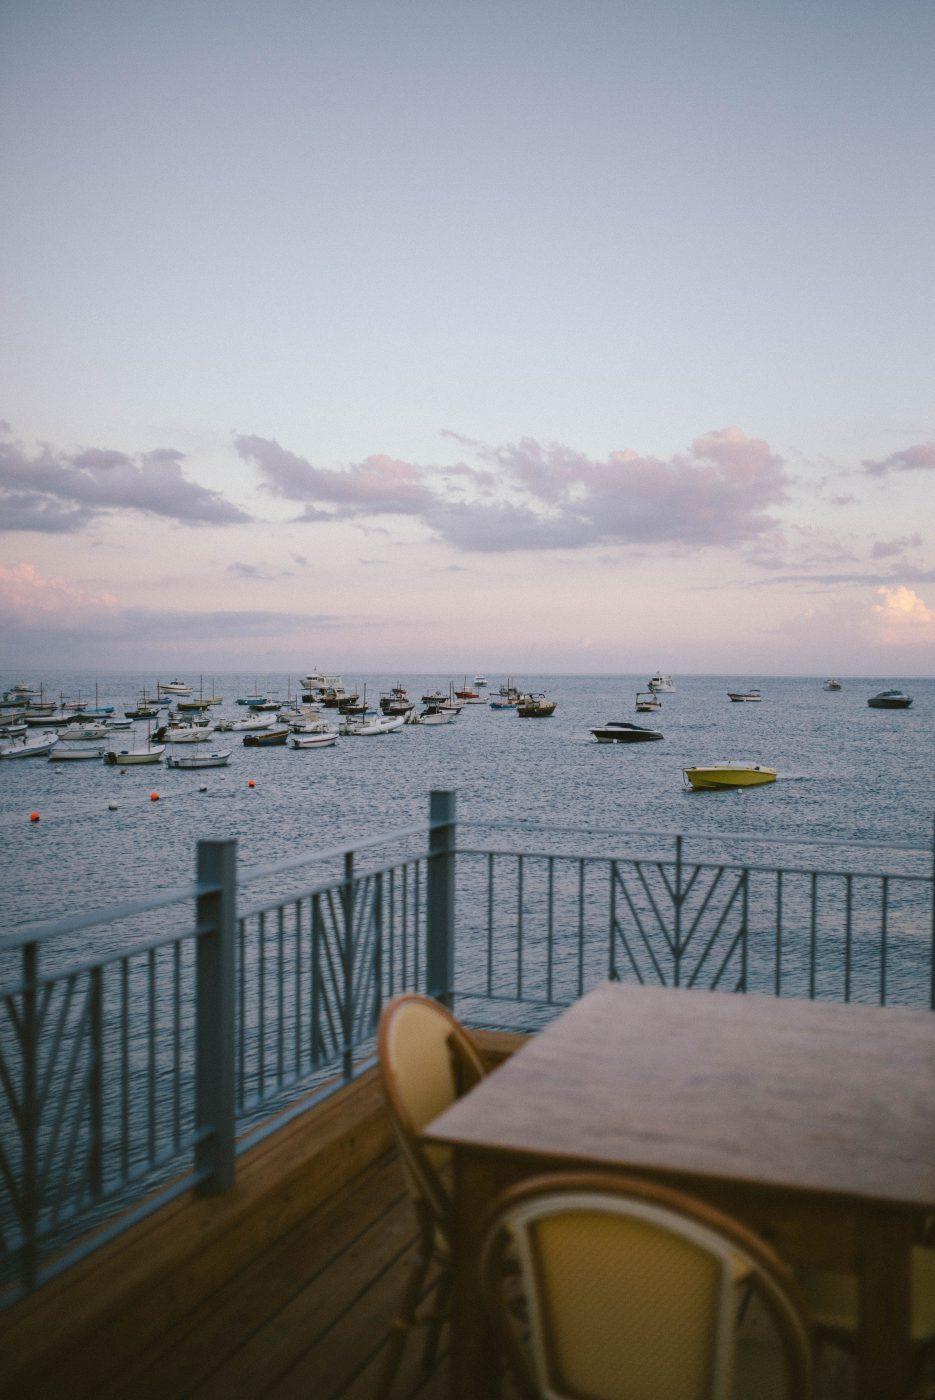 Amalfi visual journey - Raf Maes Lo Scoglio Marina del Cantone